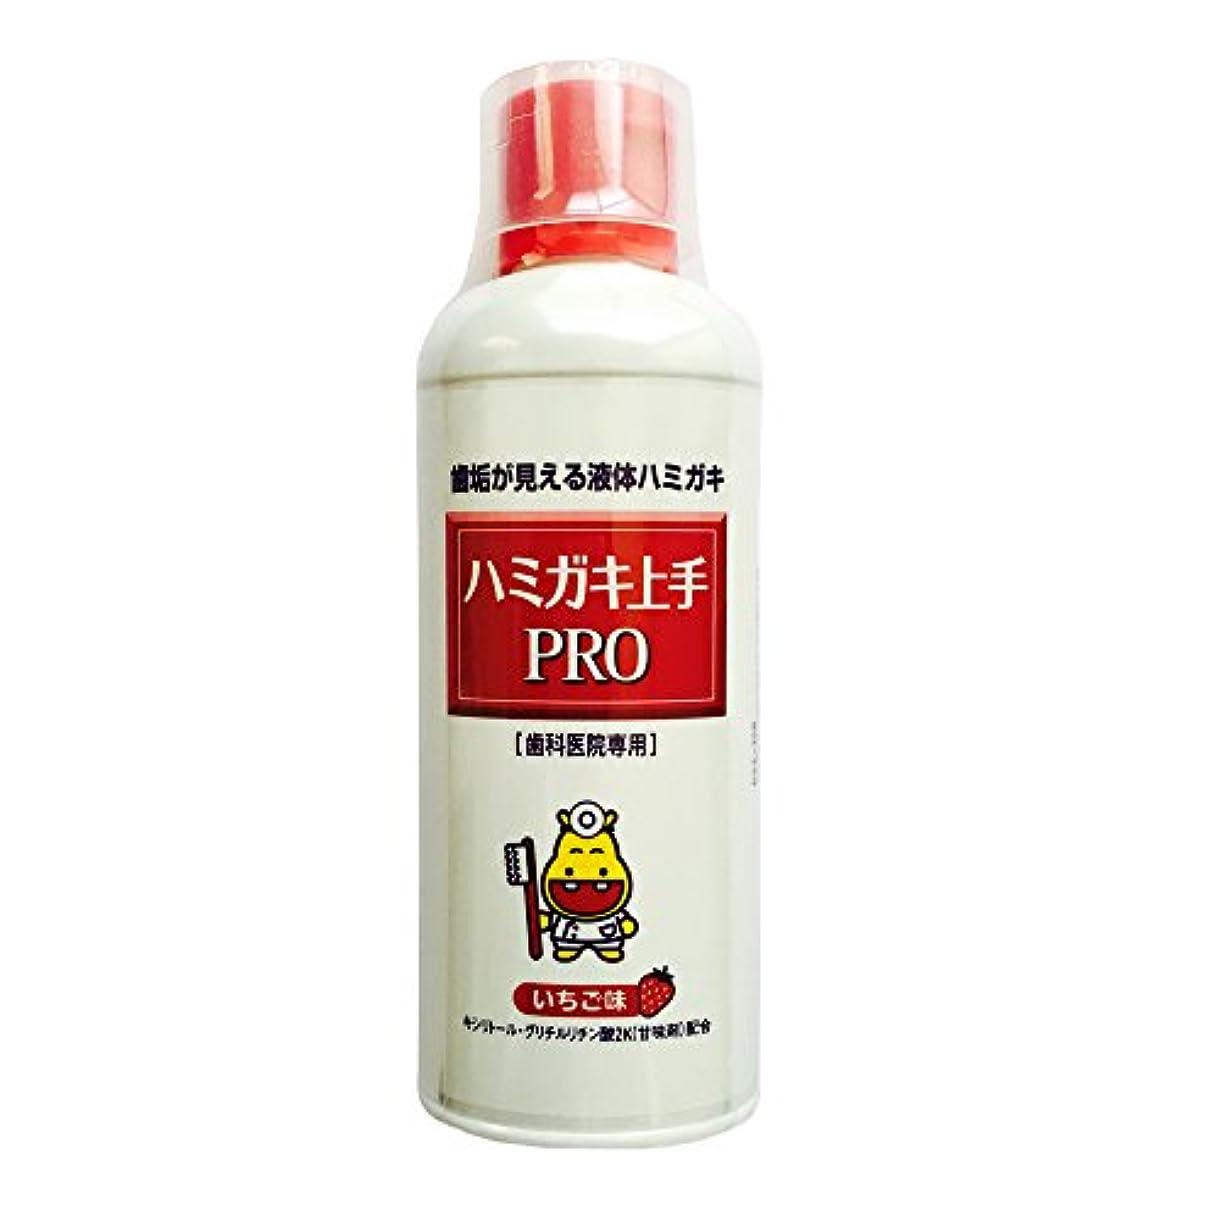 不規則性スキーム要求する松風 ハミガキ上手PRO いちご味 180ml 1本